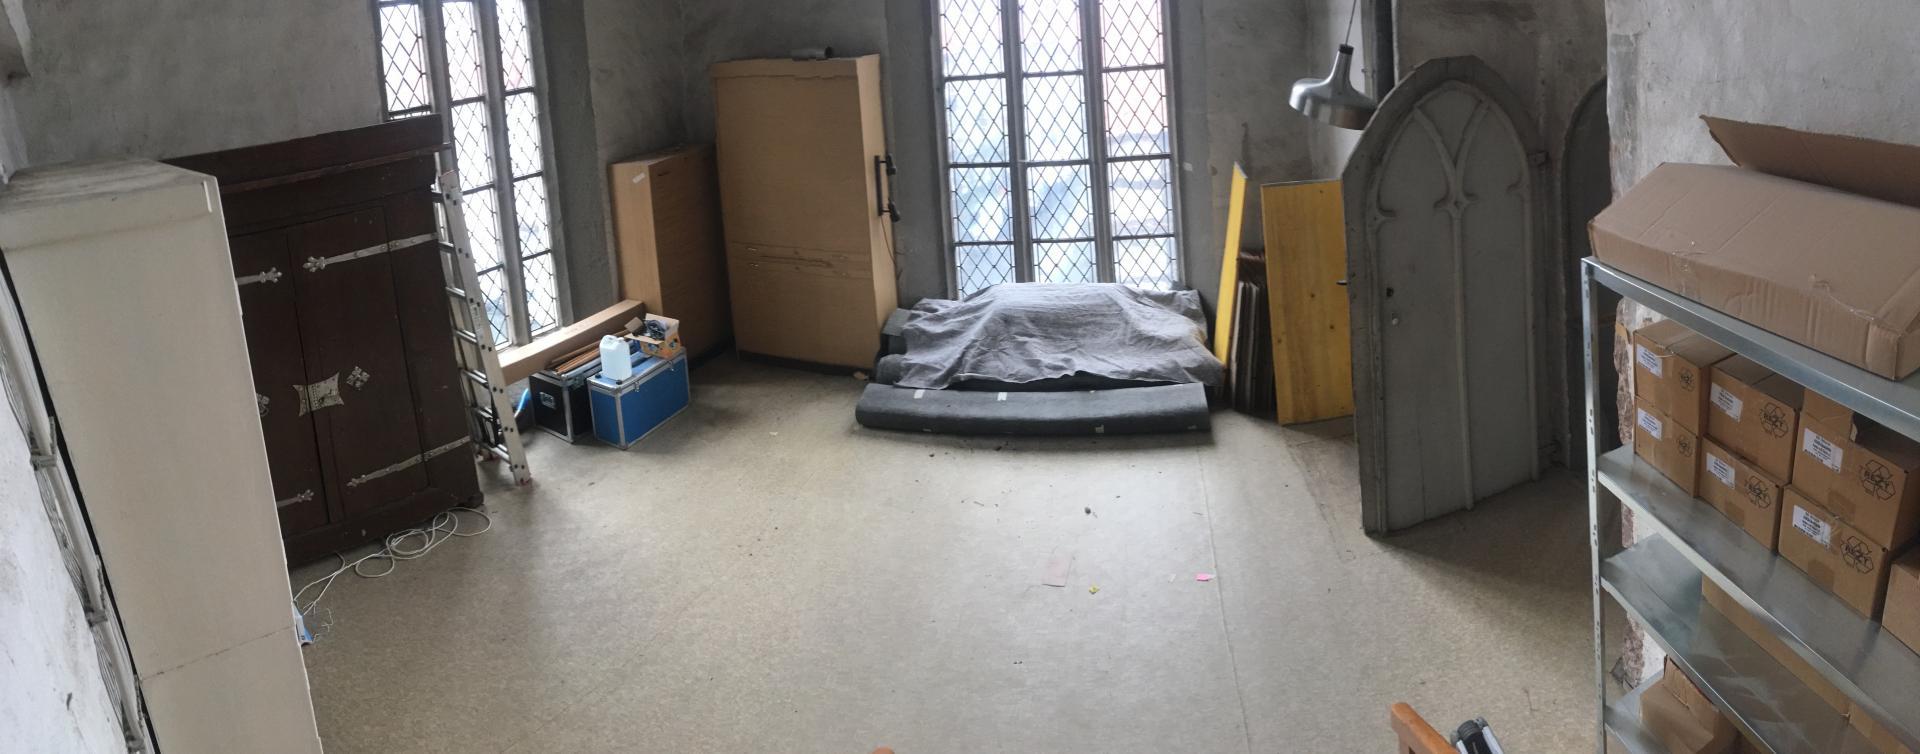 Bild 442 zeigt den zukünftigen Heizzentralenraum mit noch Restmöbeln